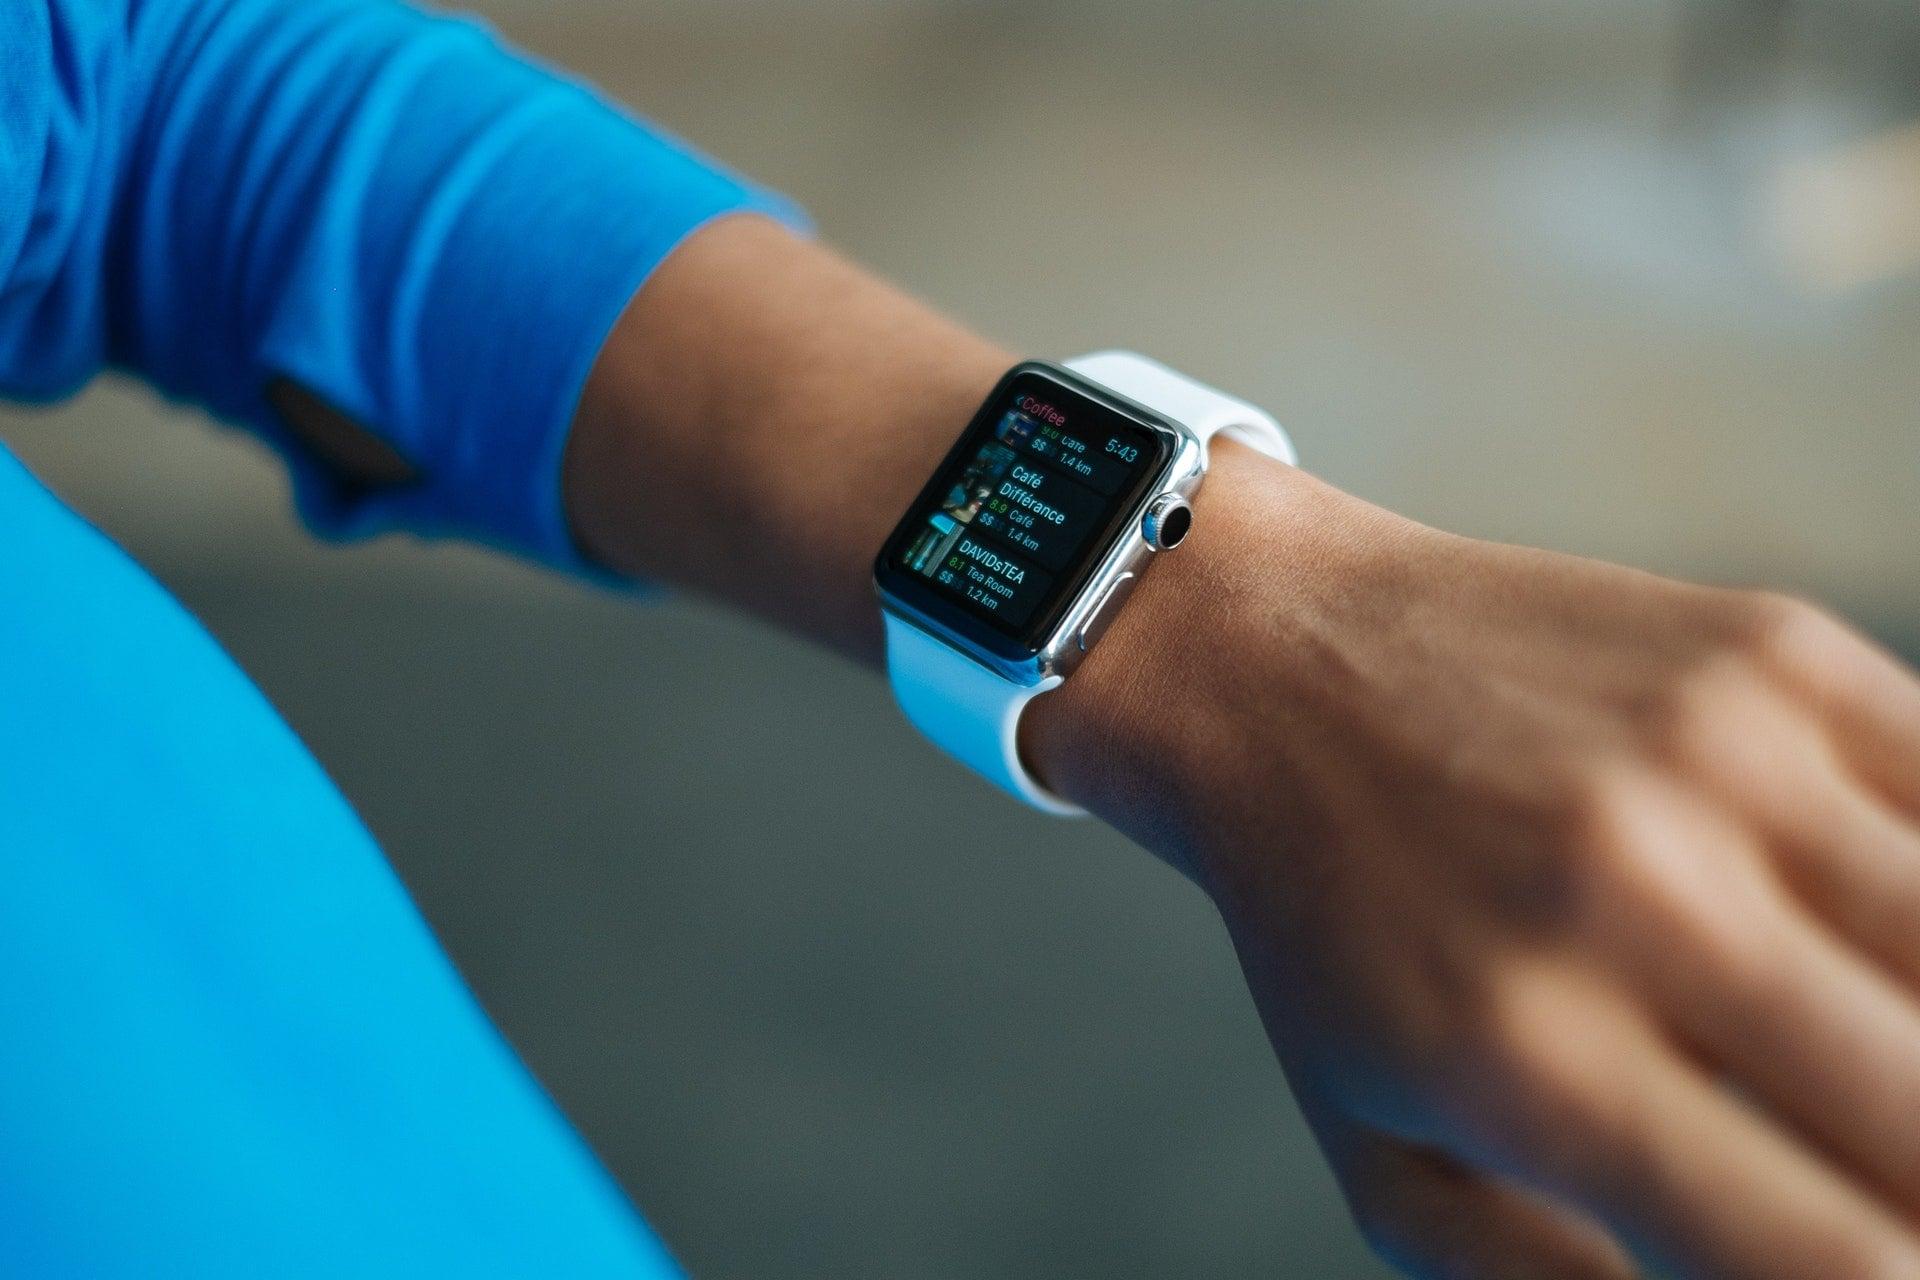 Apple Watch najpopularniejszym smartwatchem. Sprzedaż jestimponująca 21